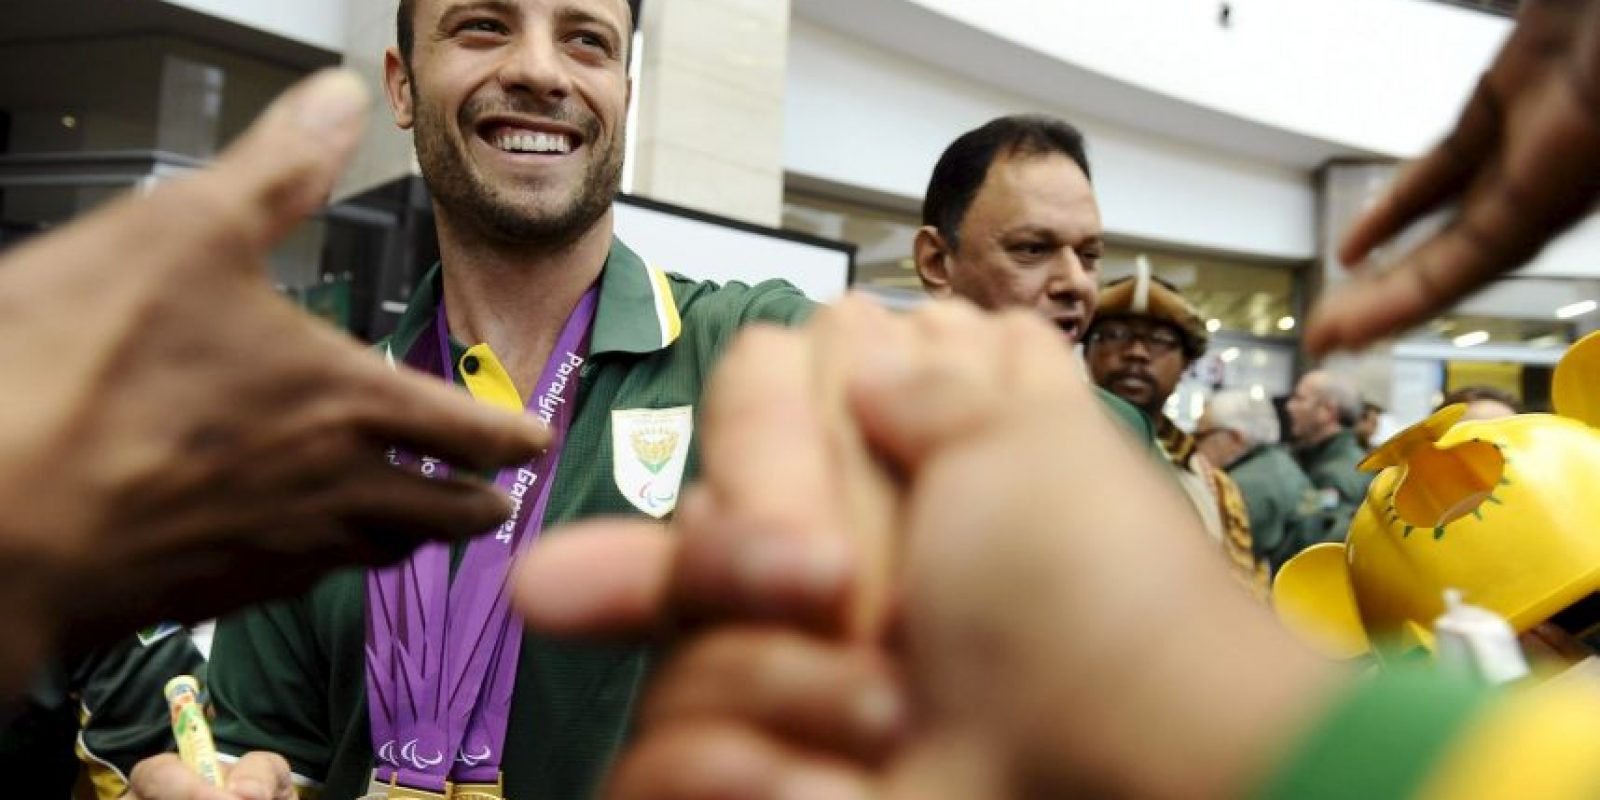 Medalla de Oro en la competencia de 400 metros para hombres, en los Juegos Paralímpicos de Londres, 2012 Foto:Getty Images